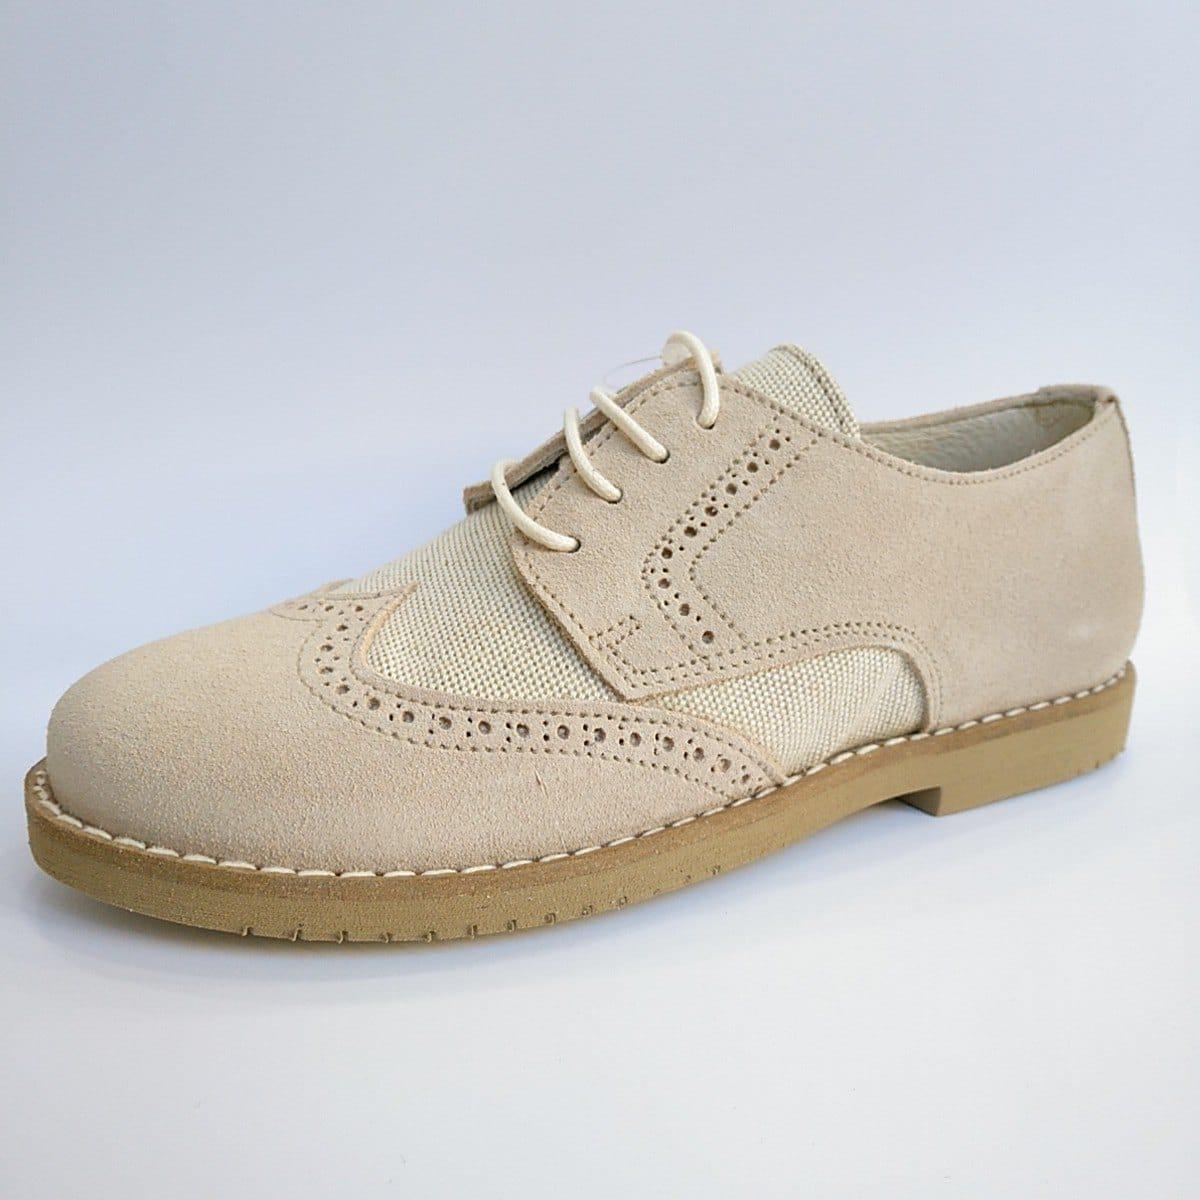 b2776a7e Zapato Comunión Serraje Beige Picado Cordón ⋆ Zapatines